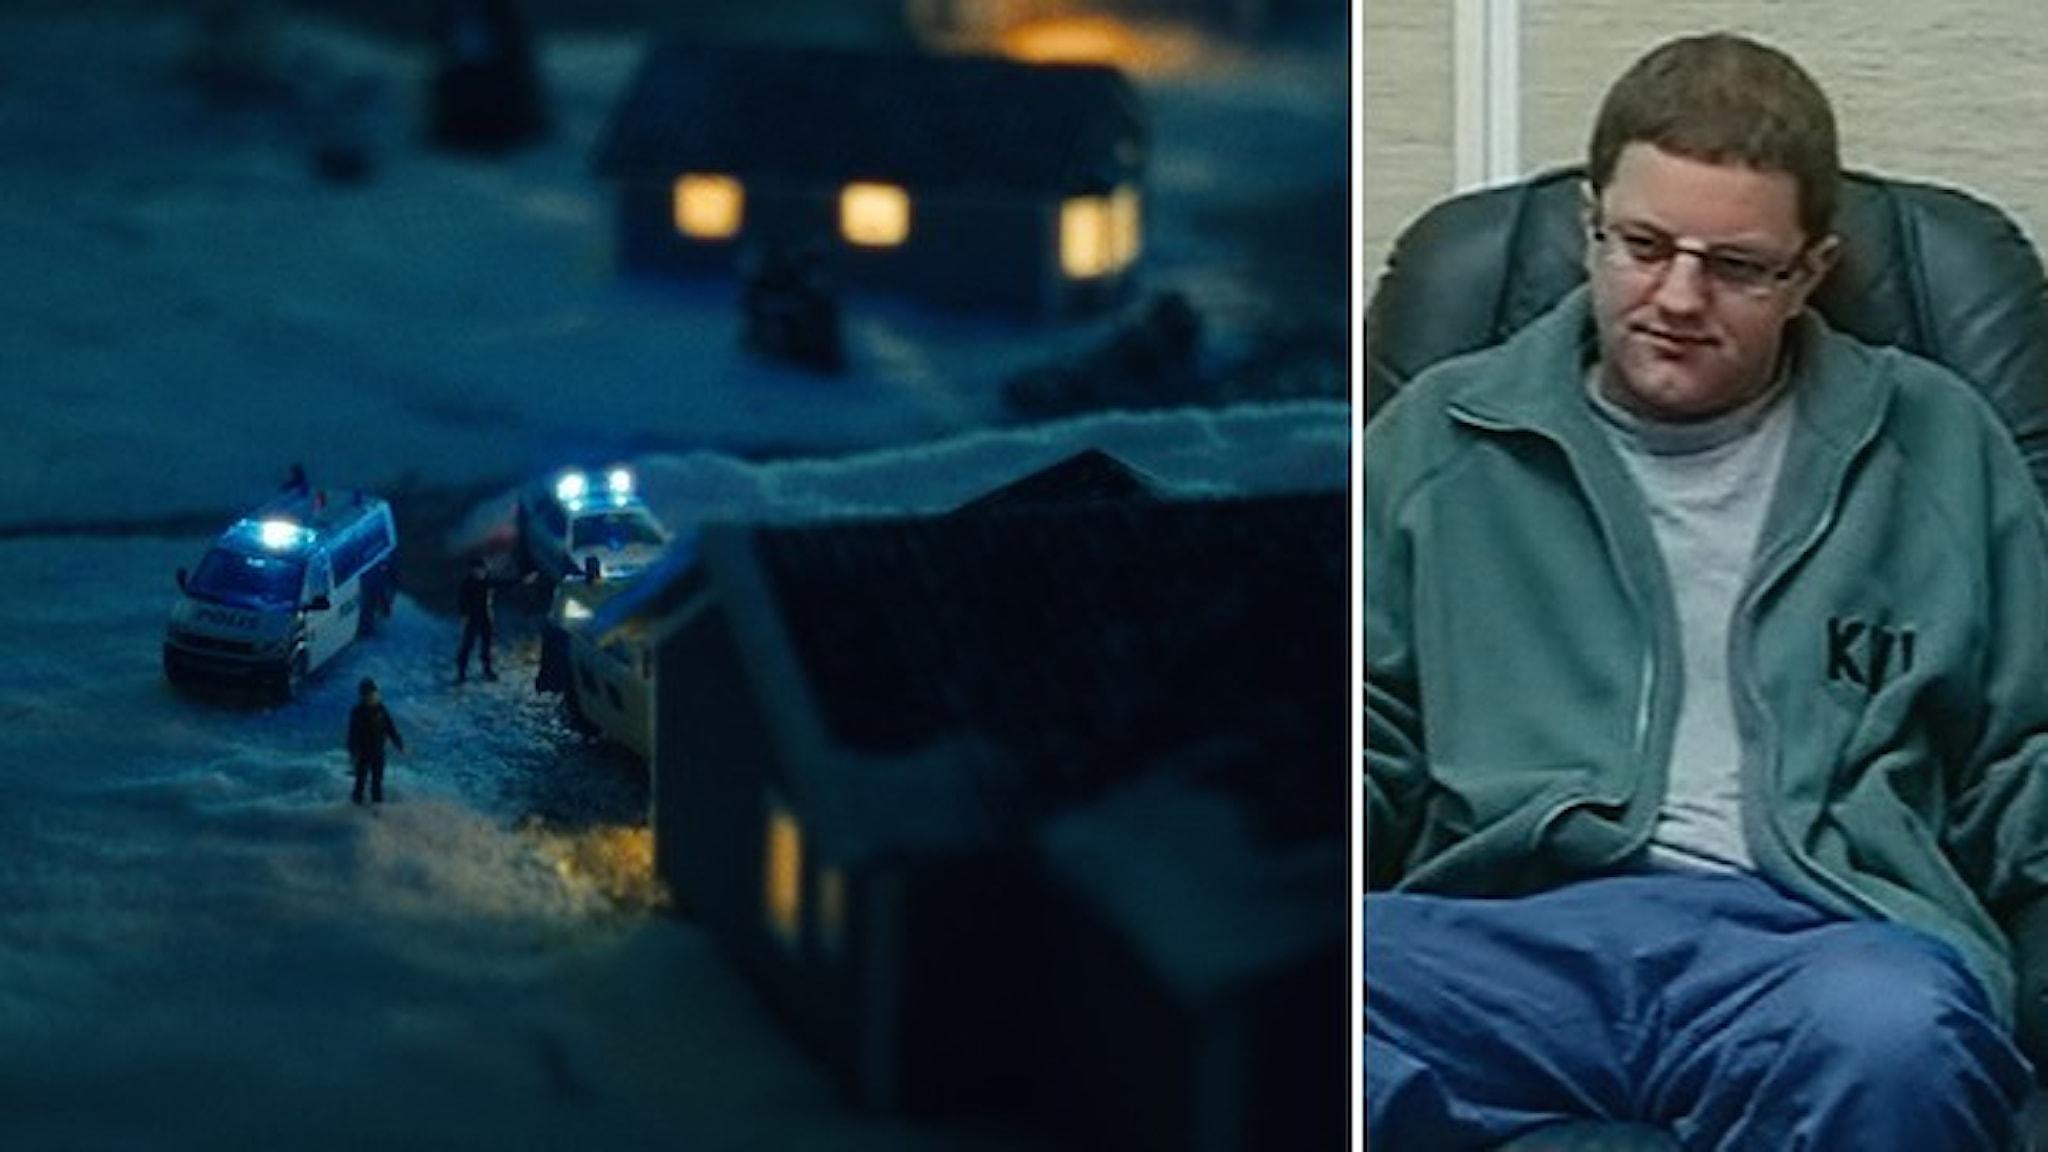 En närbild av en modell, hus och polisbilar, som rekonstruerar mordet i Knutby. Ett porträtt av Helge Fossmo.